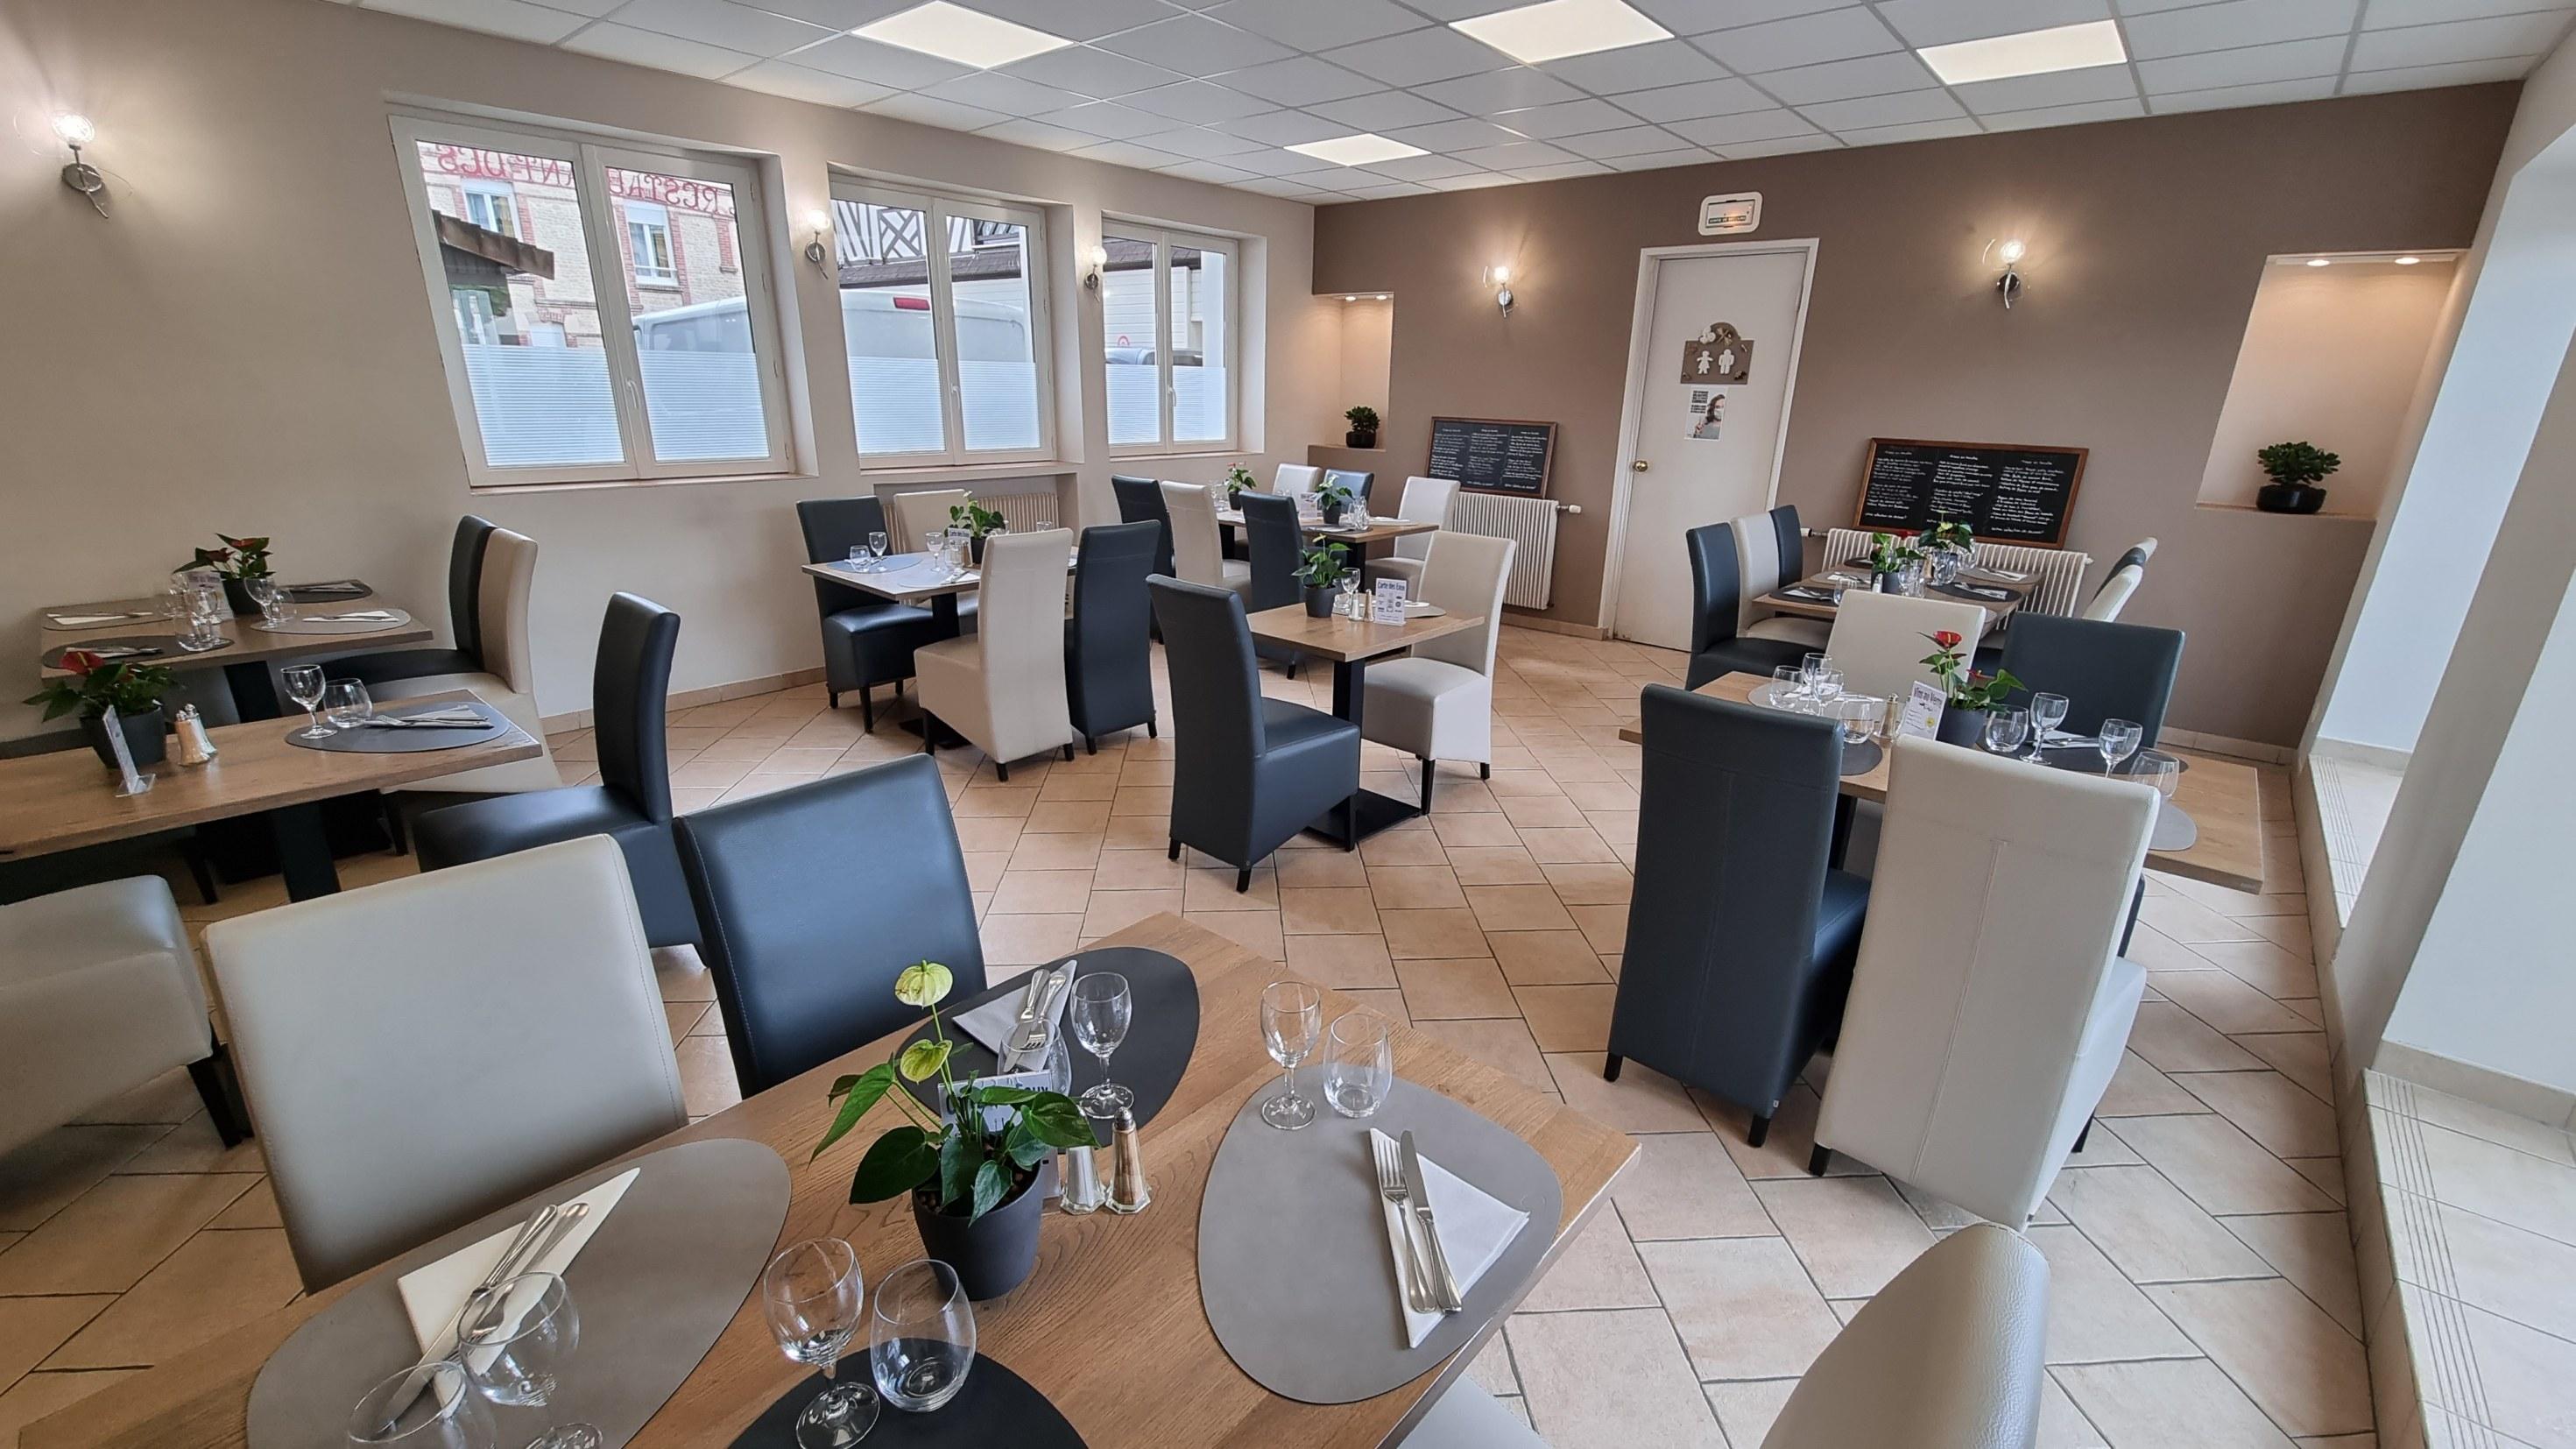 Salle de Restaurant Espace entre les tables